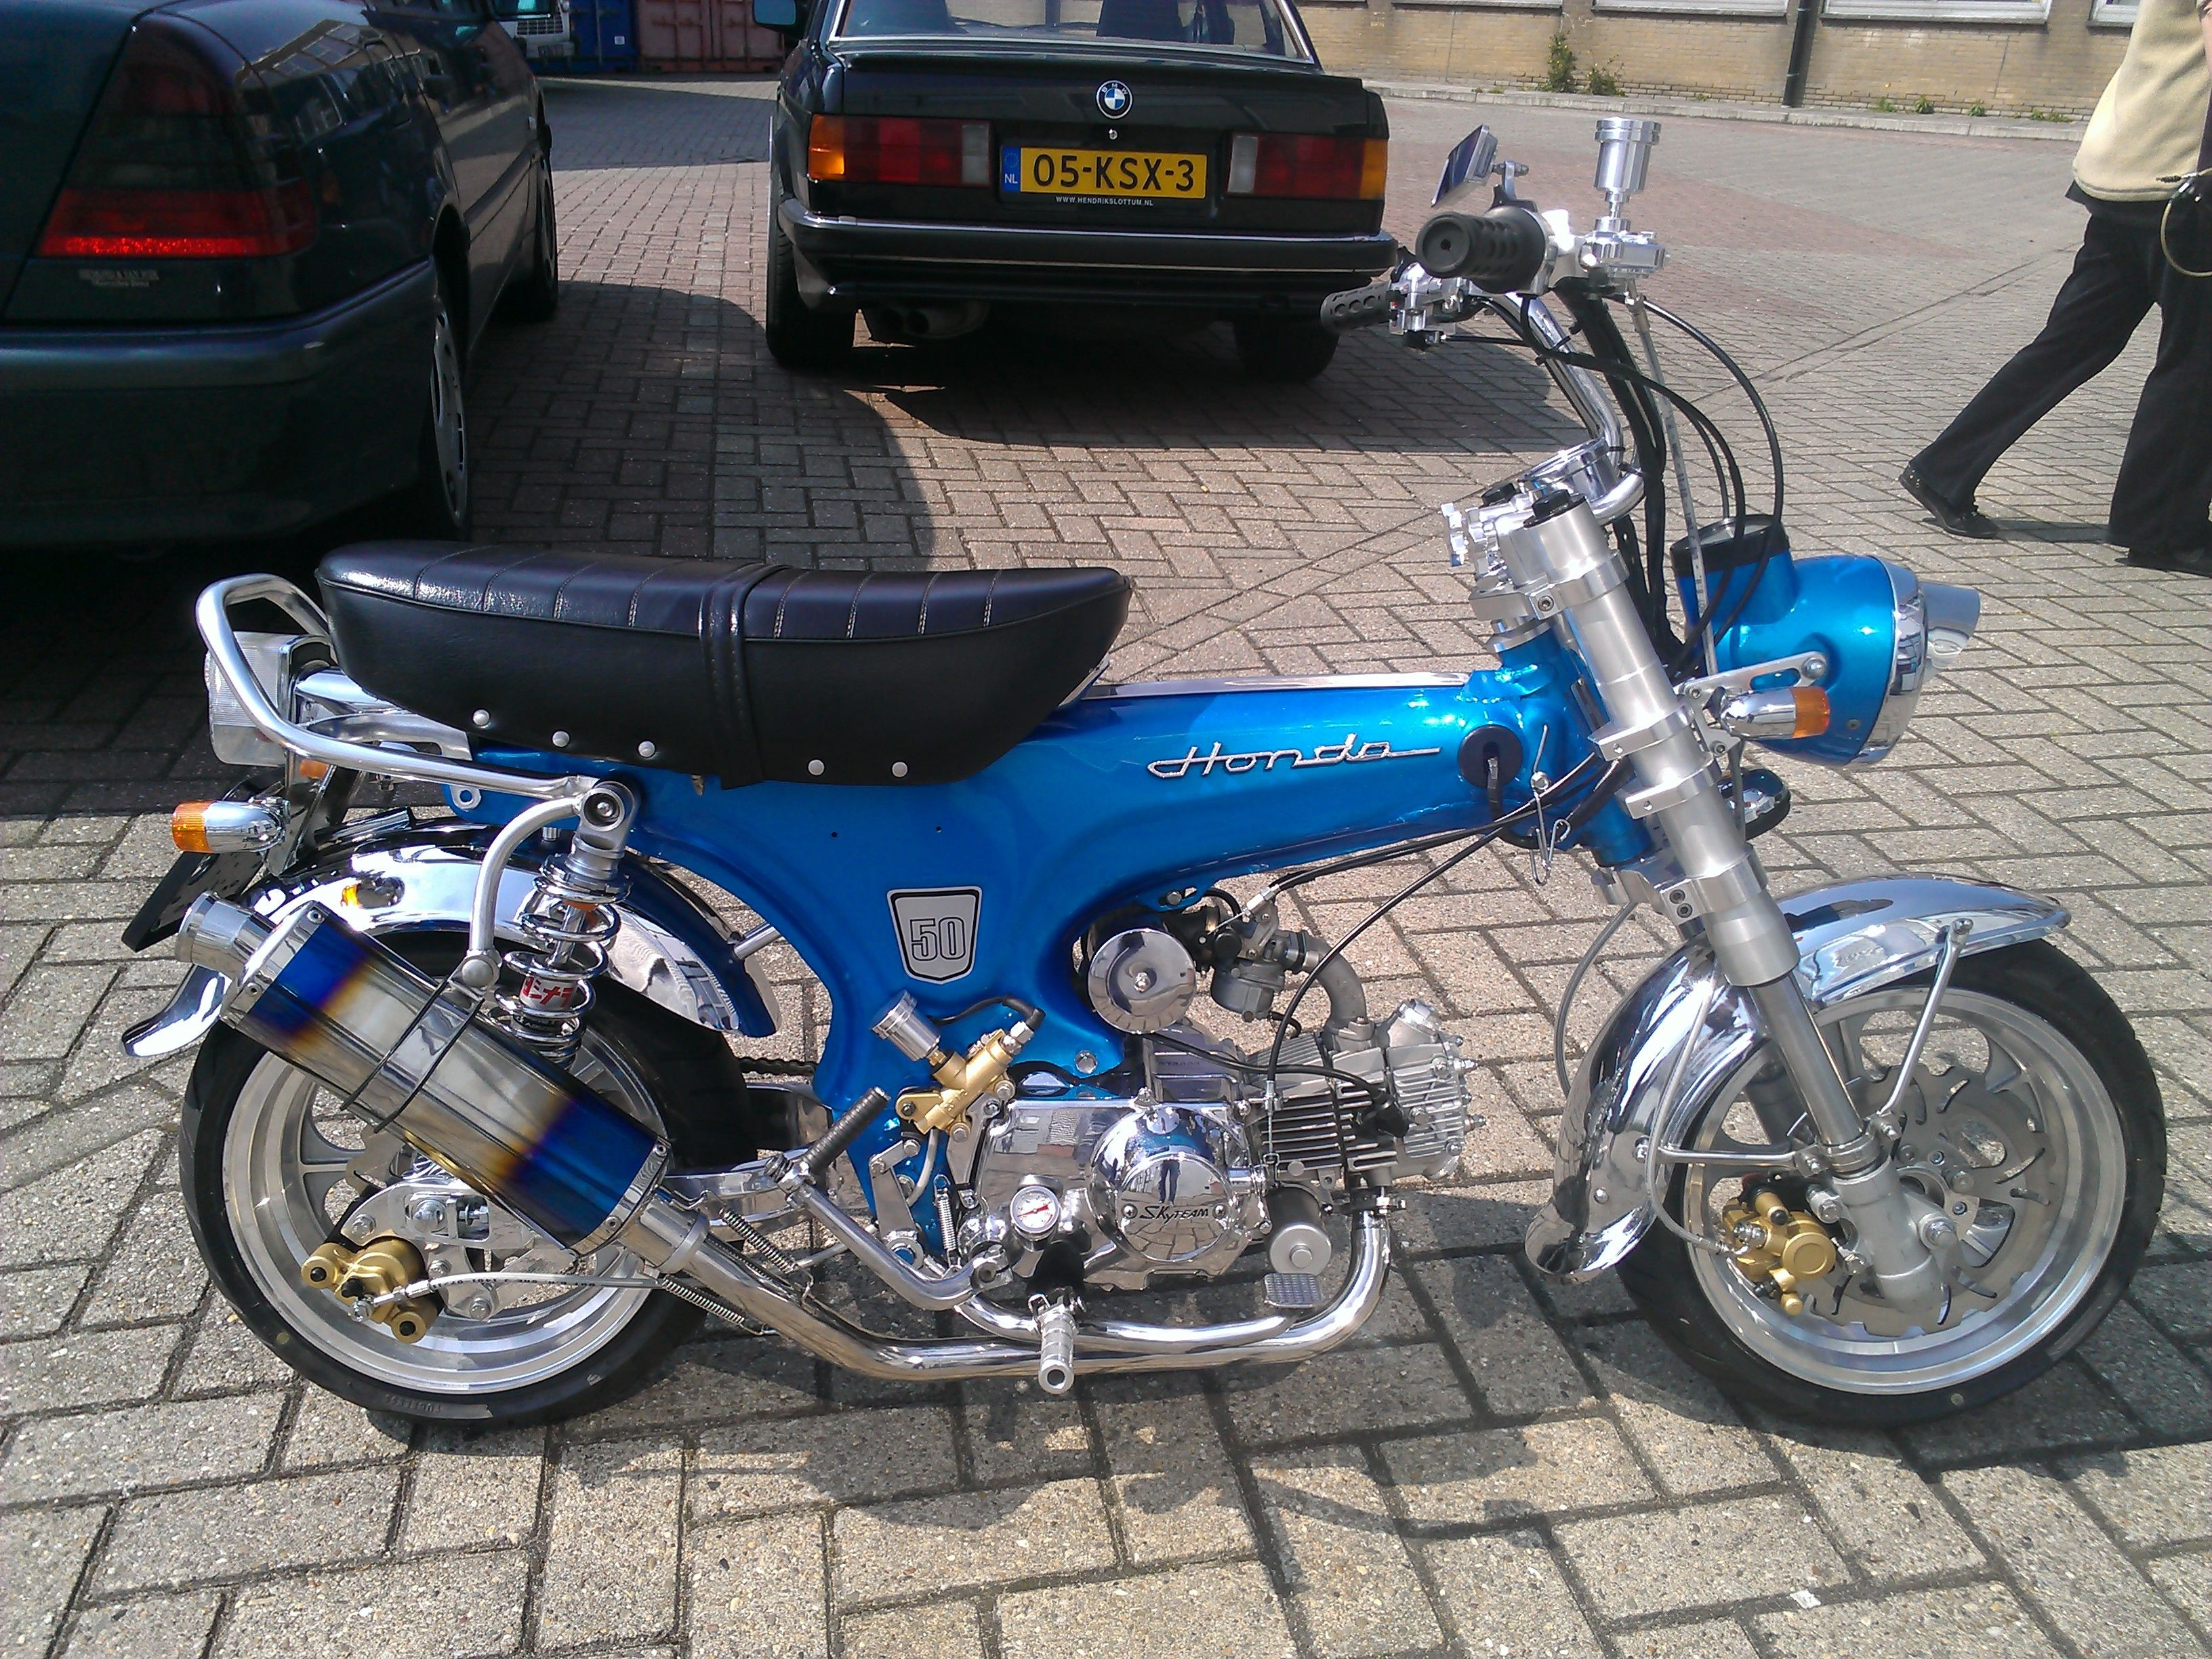 skyteam honda dax haarlem netherlands visit their fourstroke bike. Black Bedroom Furniture Sets. Home Design Ideas